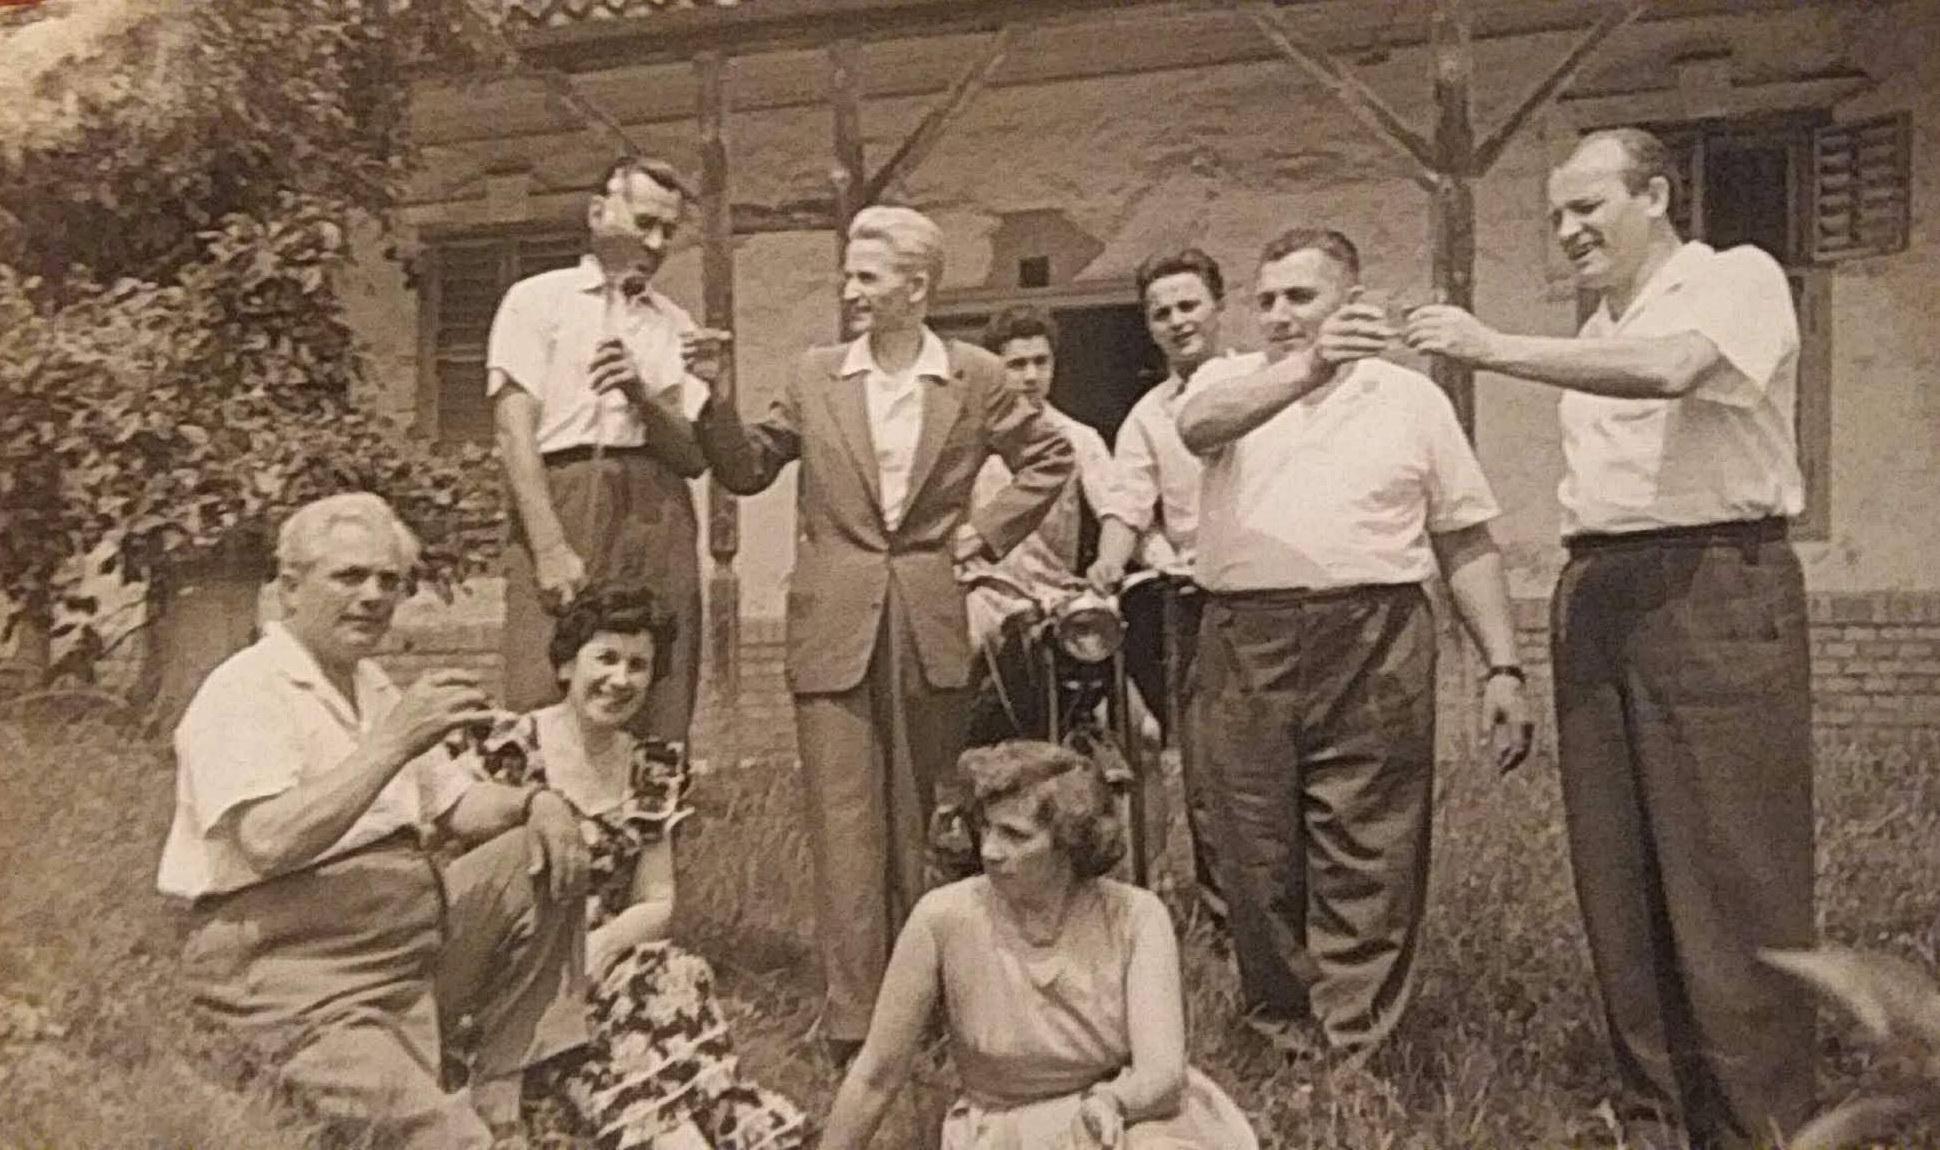 Magyócsi Lajos és Kele János baráti társasága